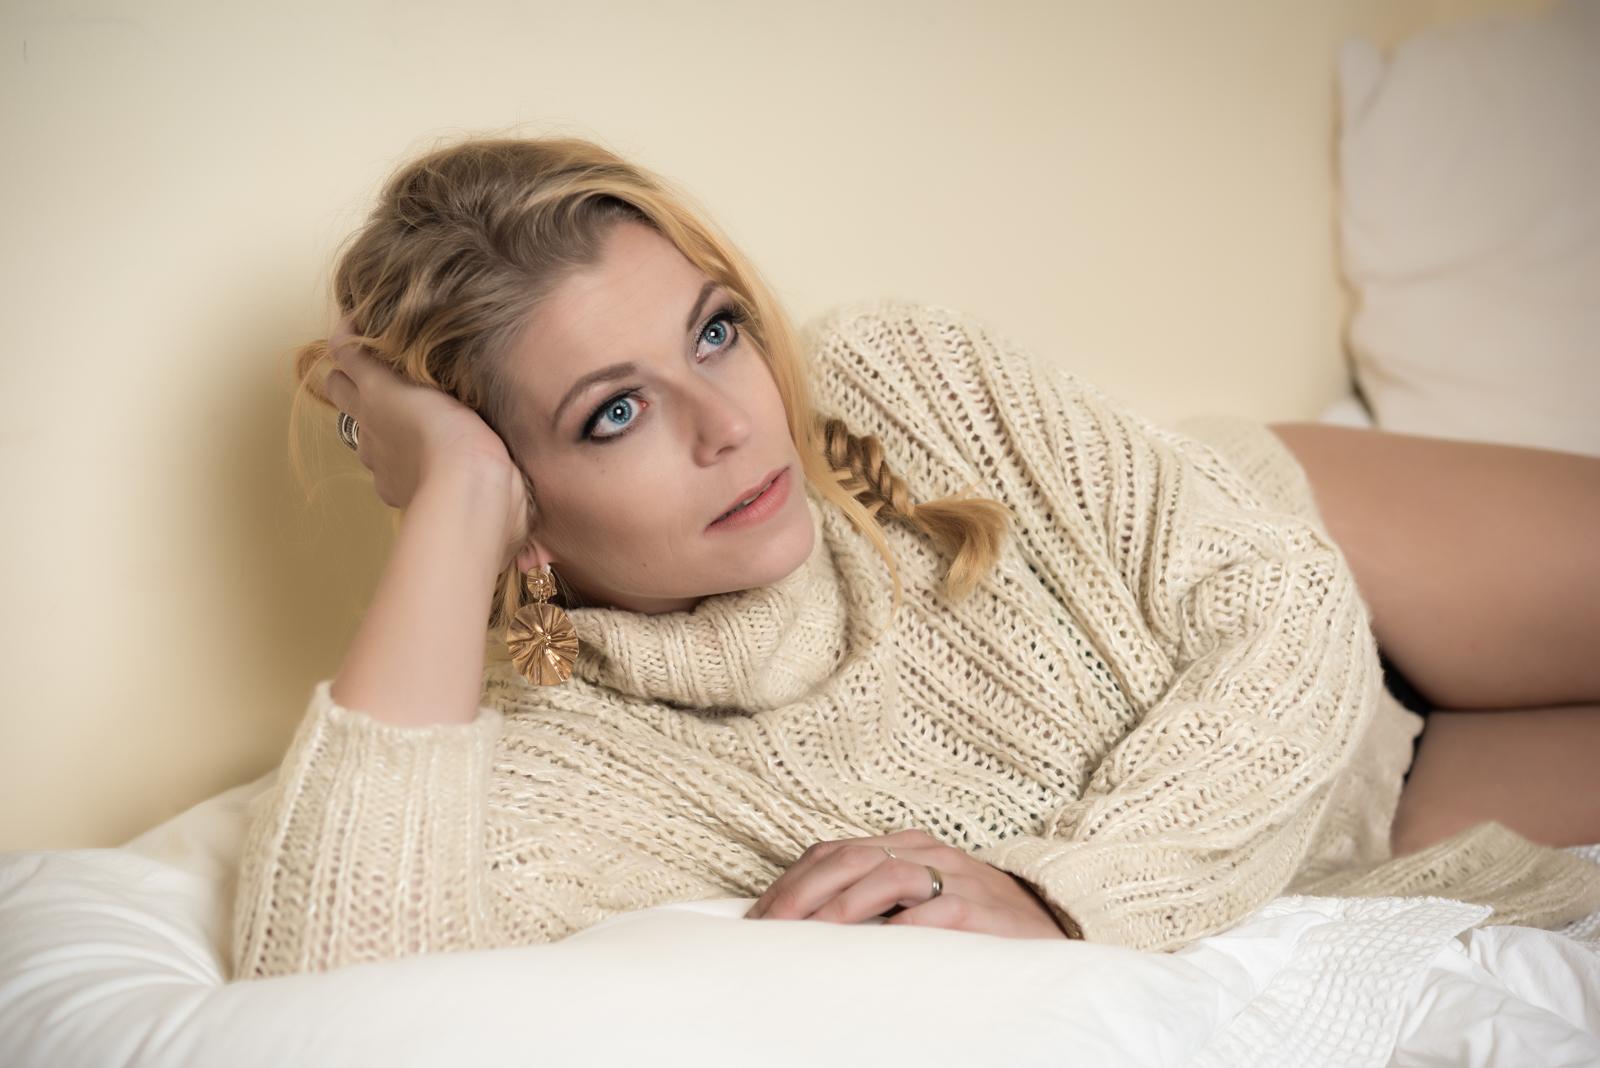 foto: © Jan Rijnders - fotomodel ligt op bed met trui aan